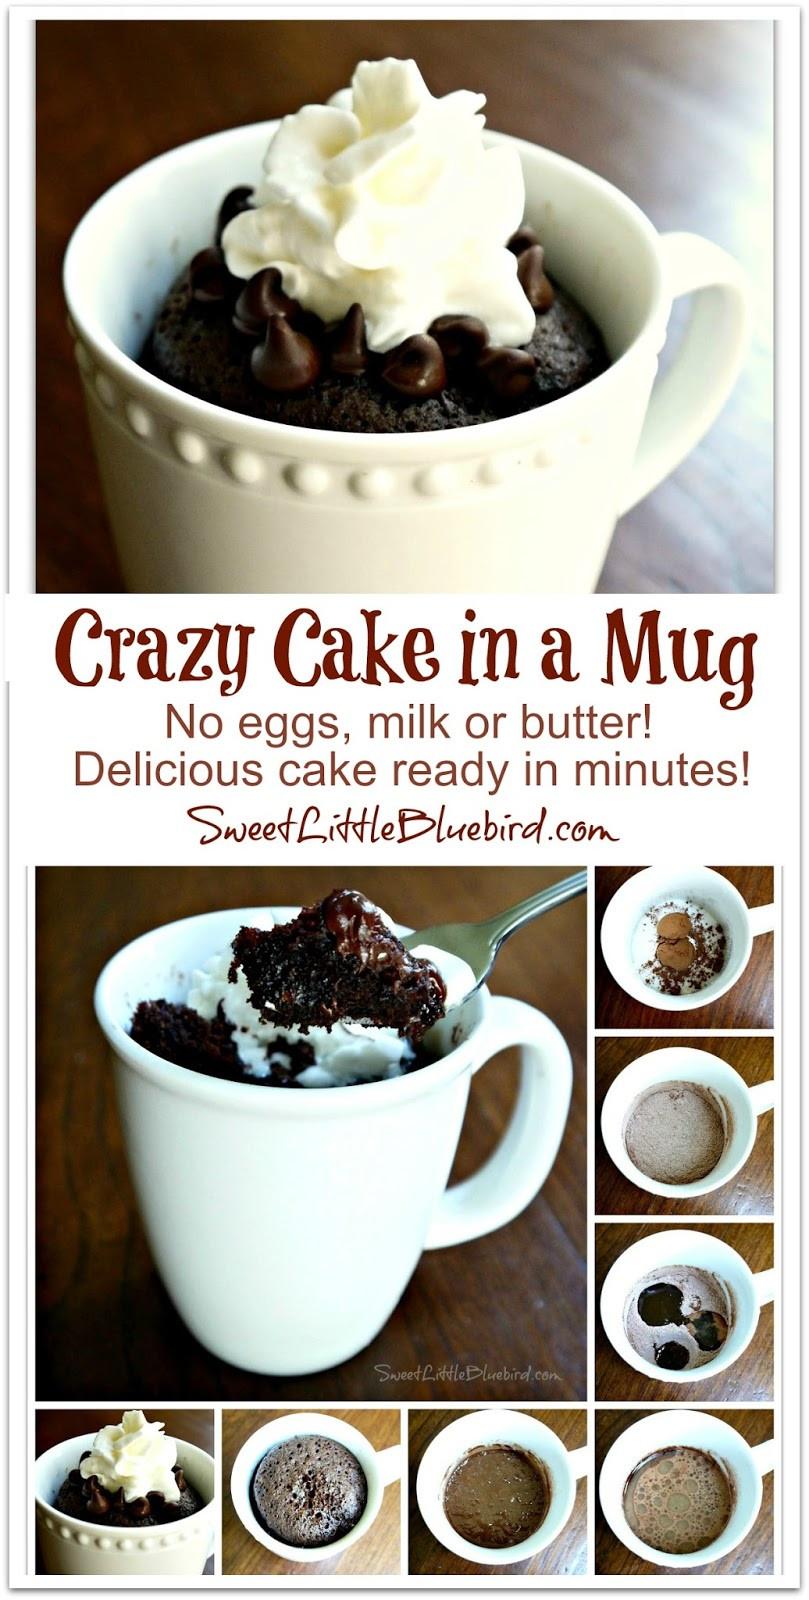 How To Make A Mug Cake  Sweet Little Bluebird Crazy Cake in a Mug No Eggs Milk